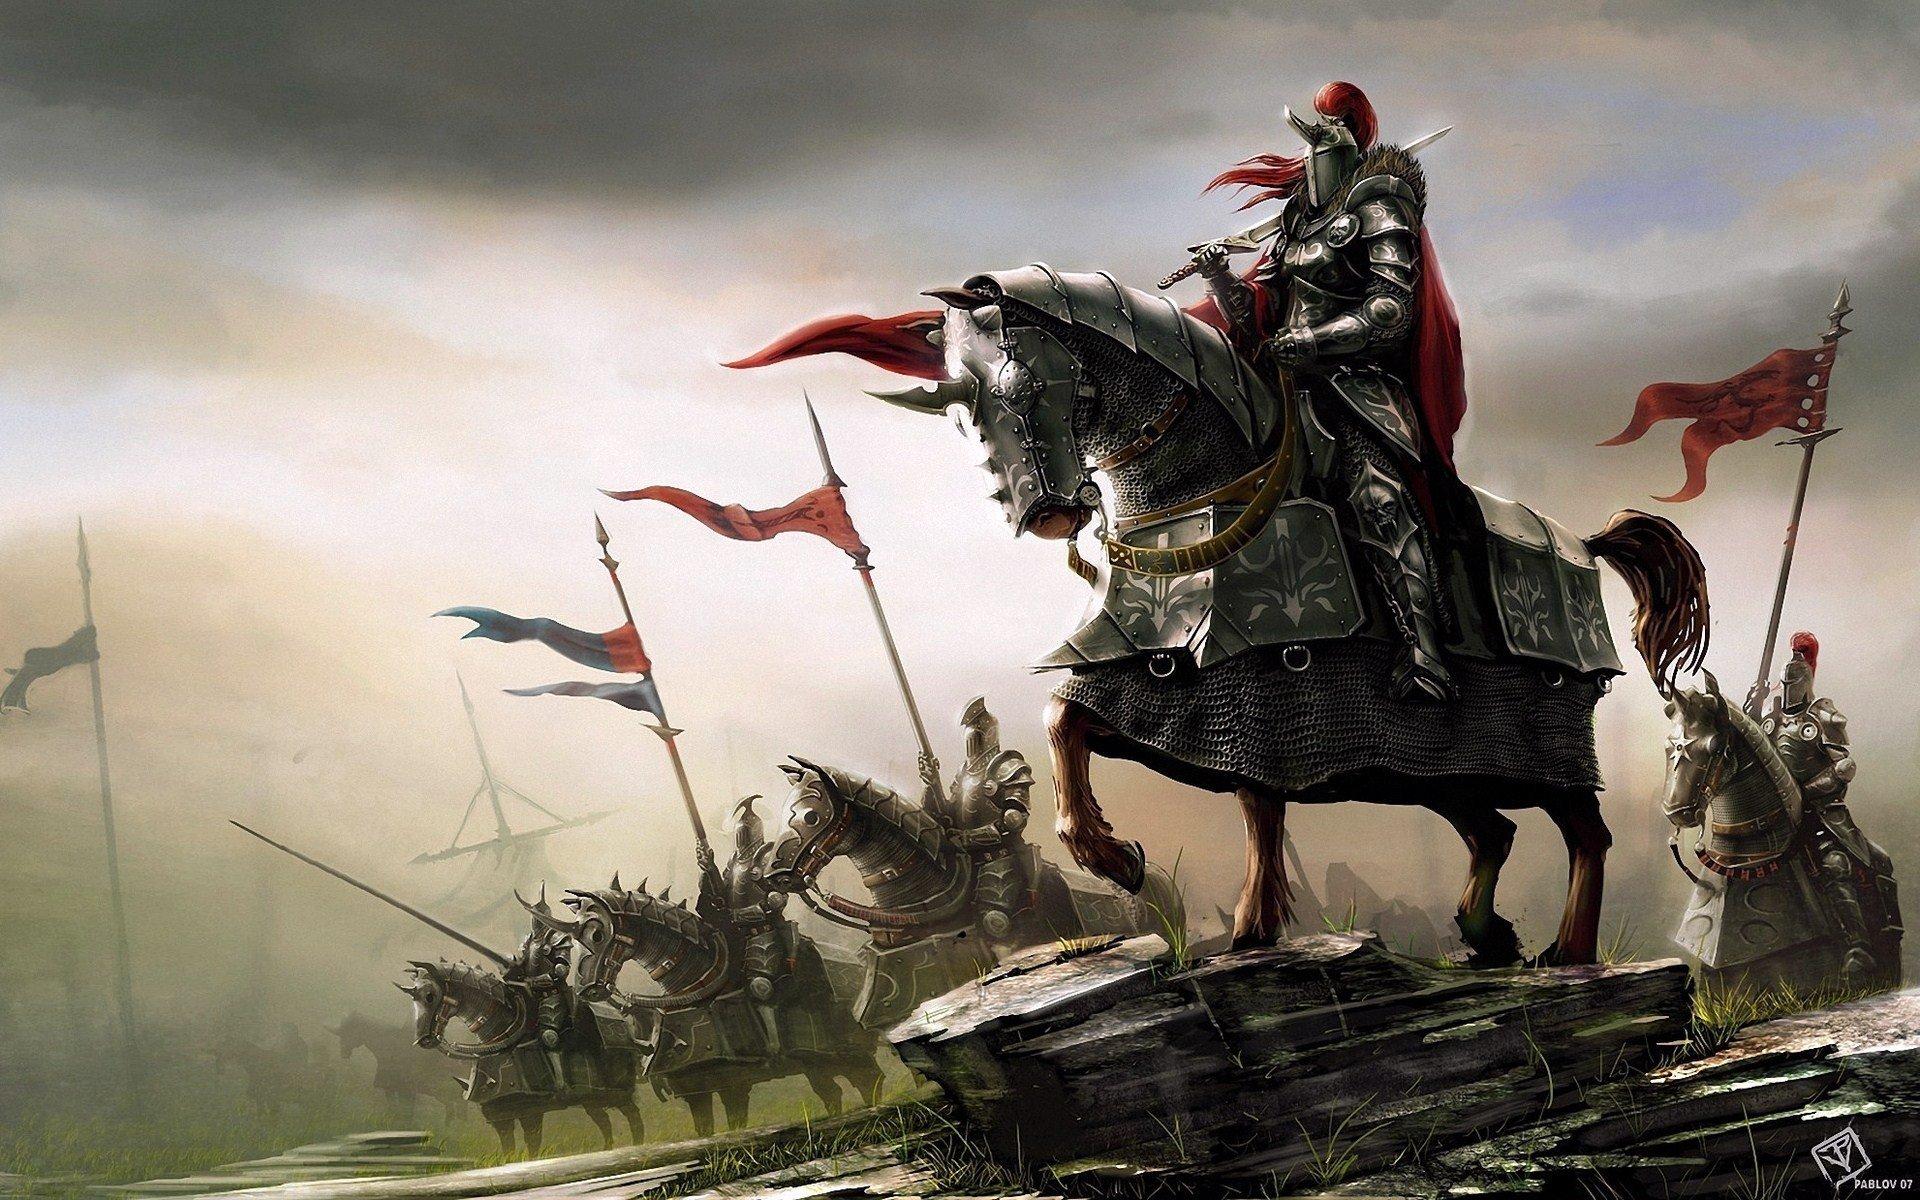 Fantasy Knights Wallpaper